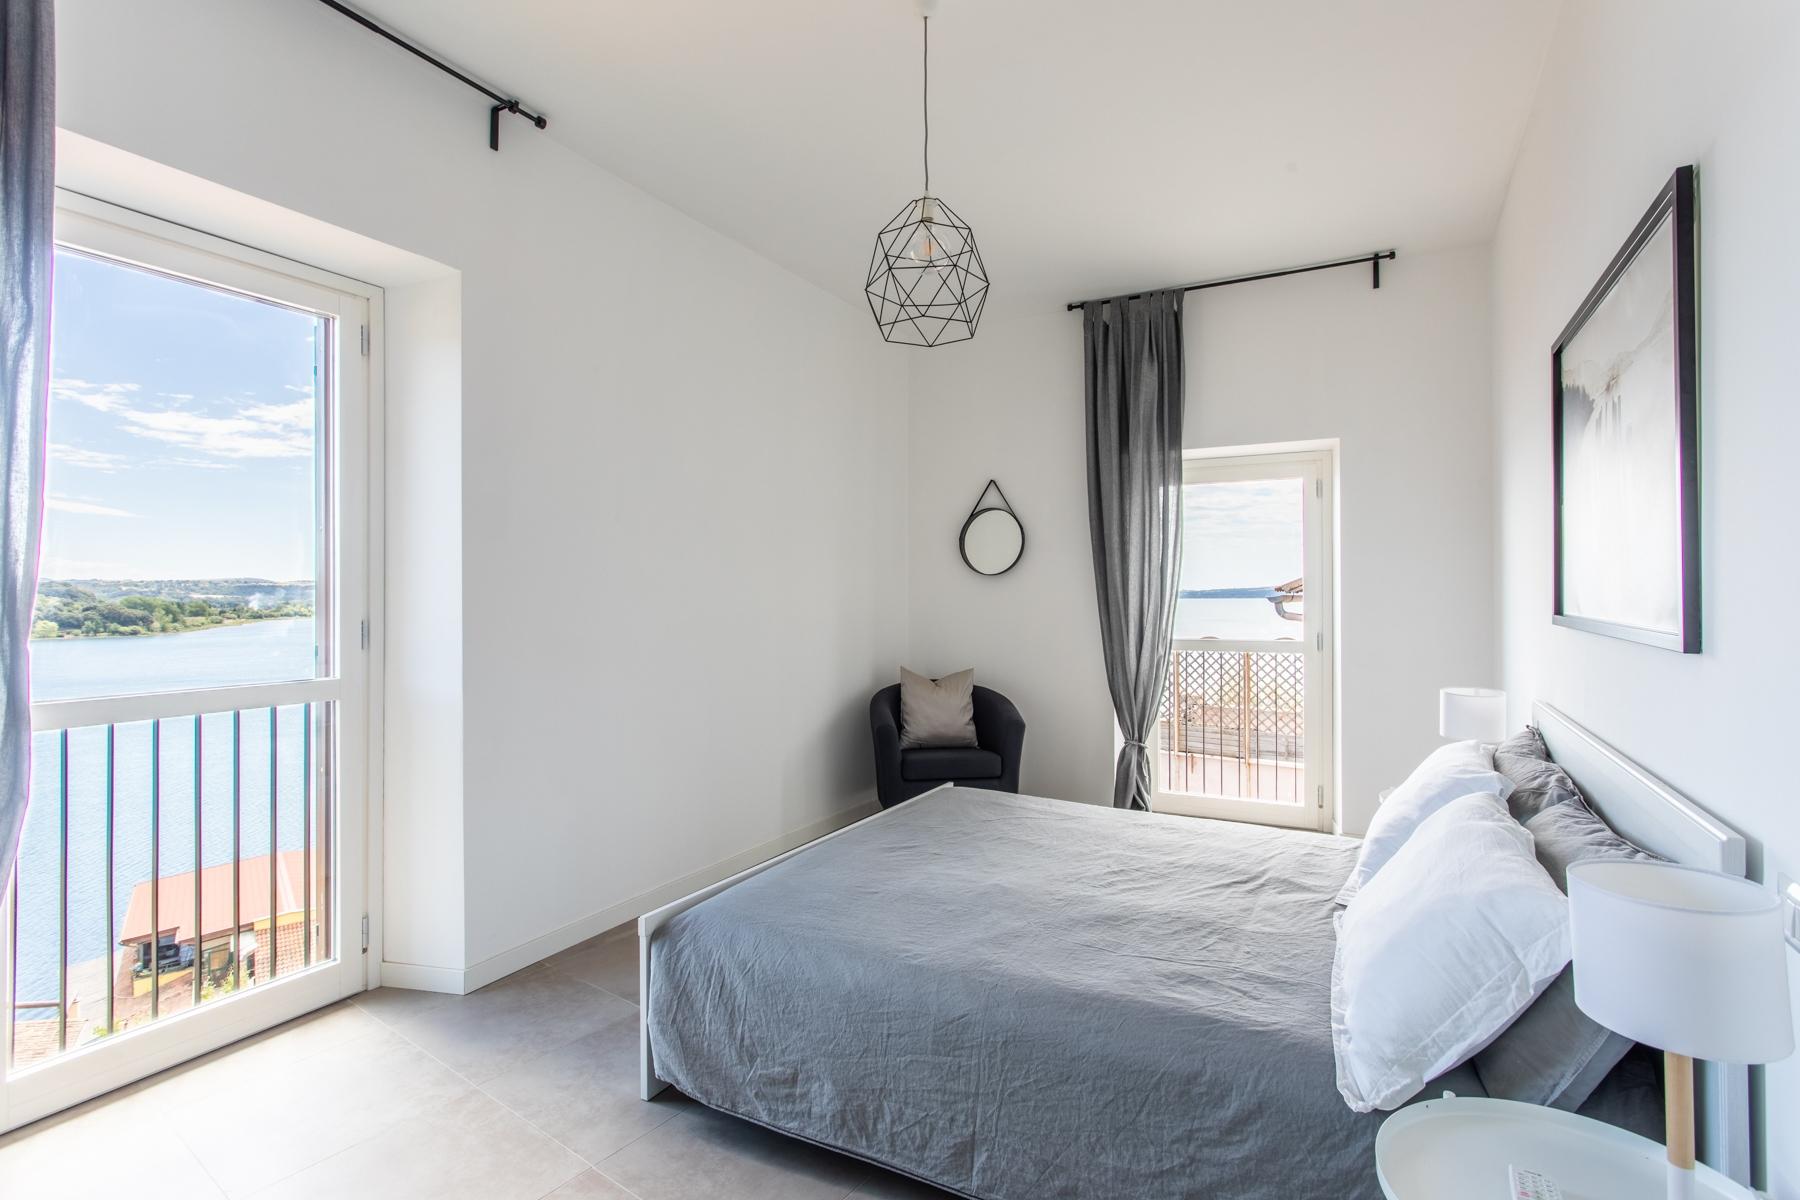 Appartamento in Vendita a Trevignano Romano: 4 locali, 85 mq - Foto 5